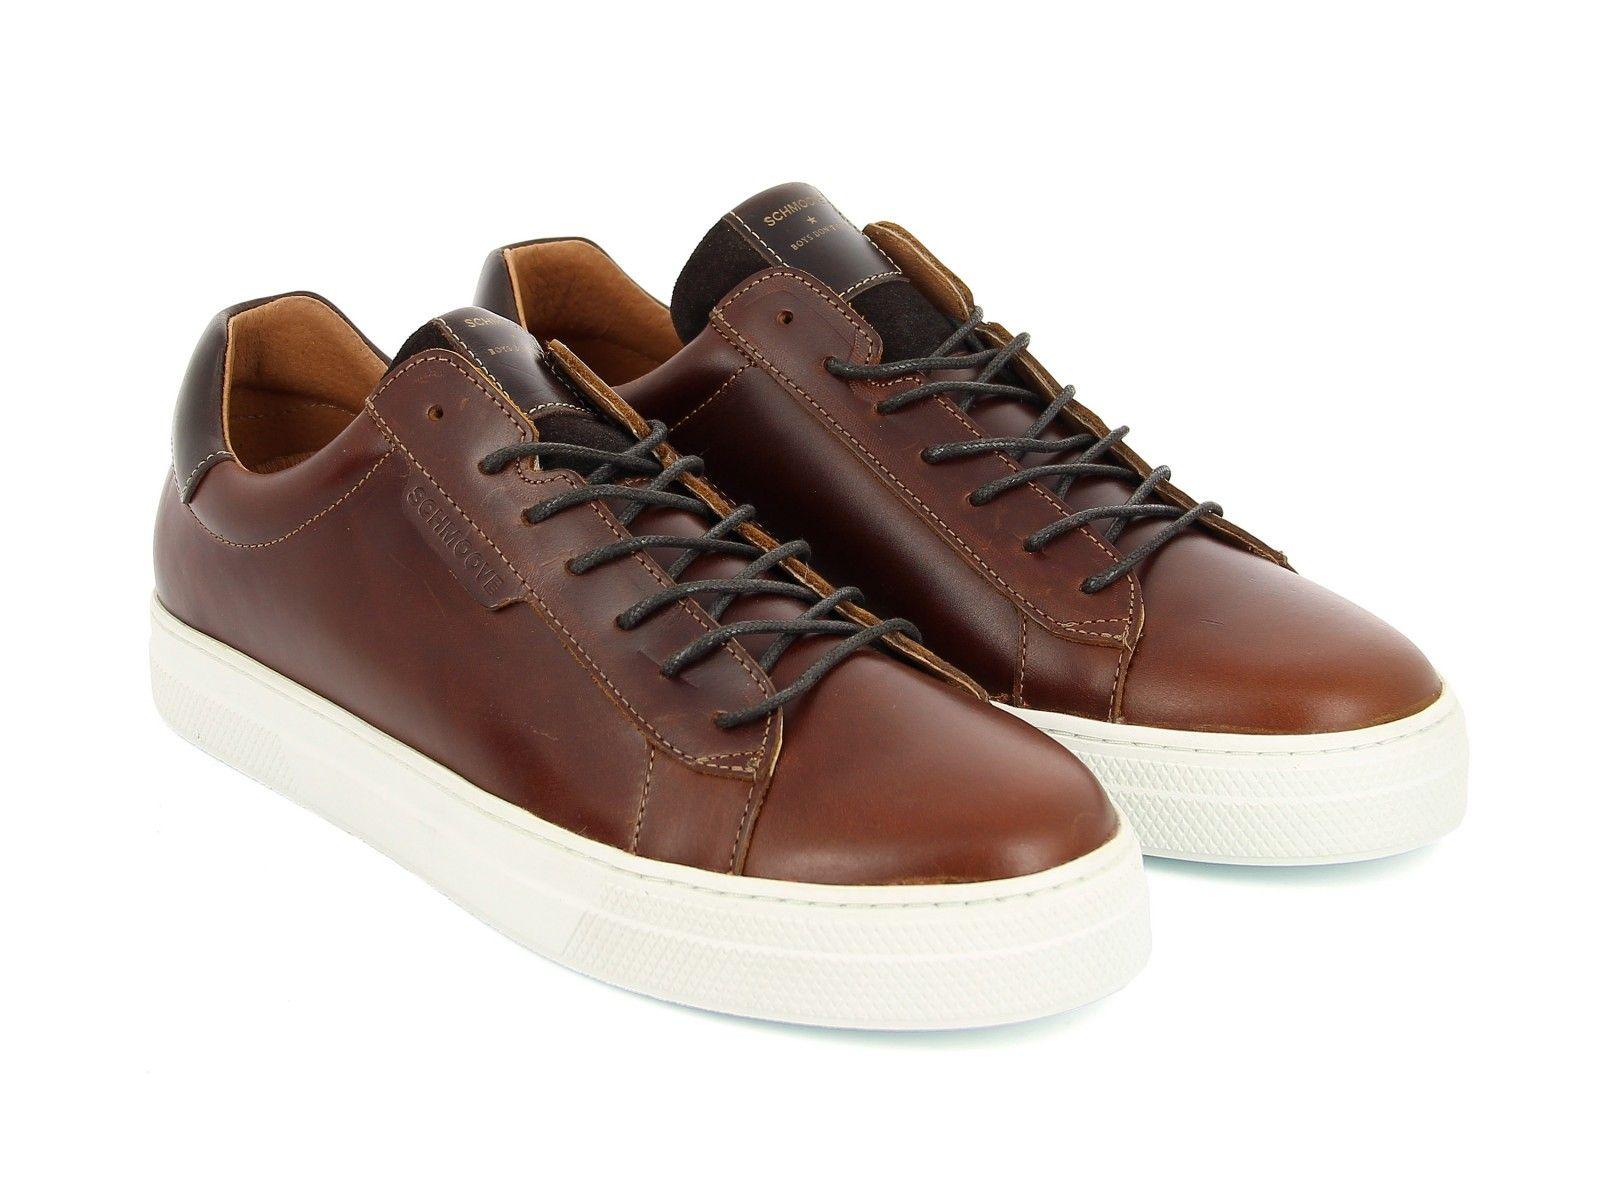 44e043bbb8f88b Chaussures Spark Clay Ciclon Horse, esprit sport-chic et élégance d'une  paire de tennis cuir pour homme.